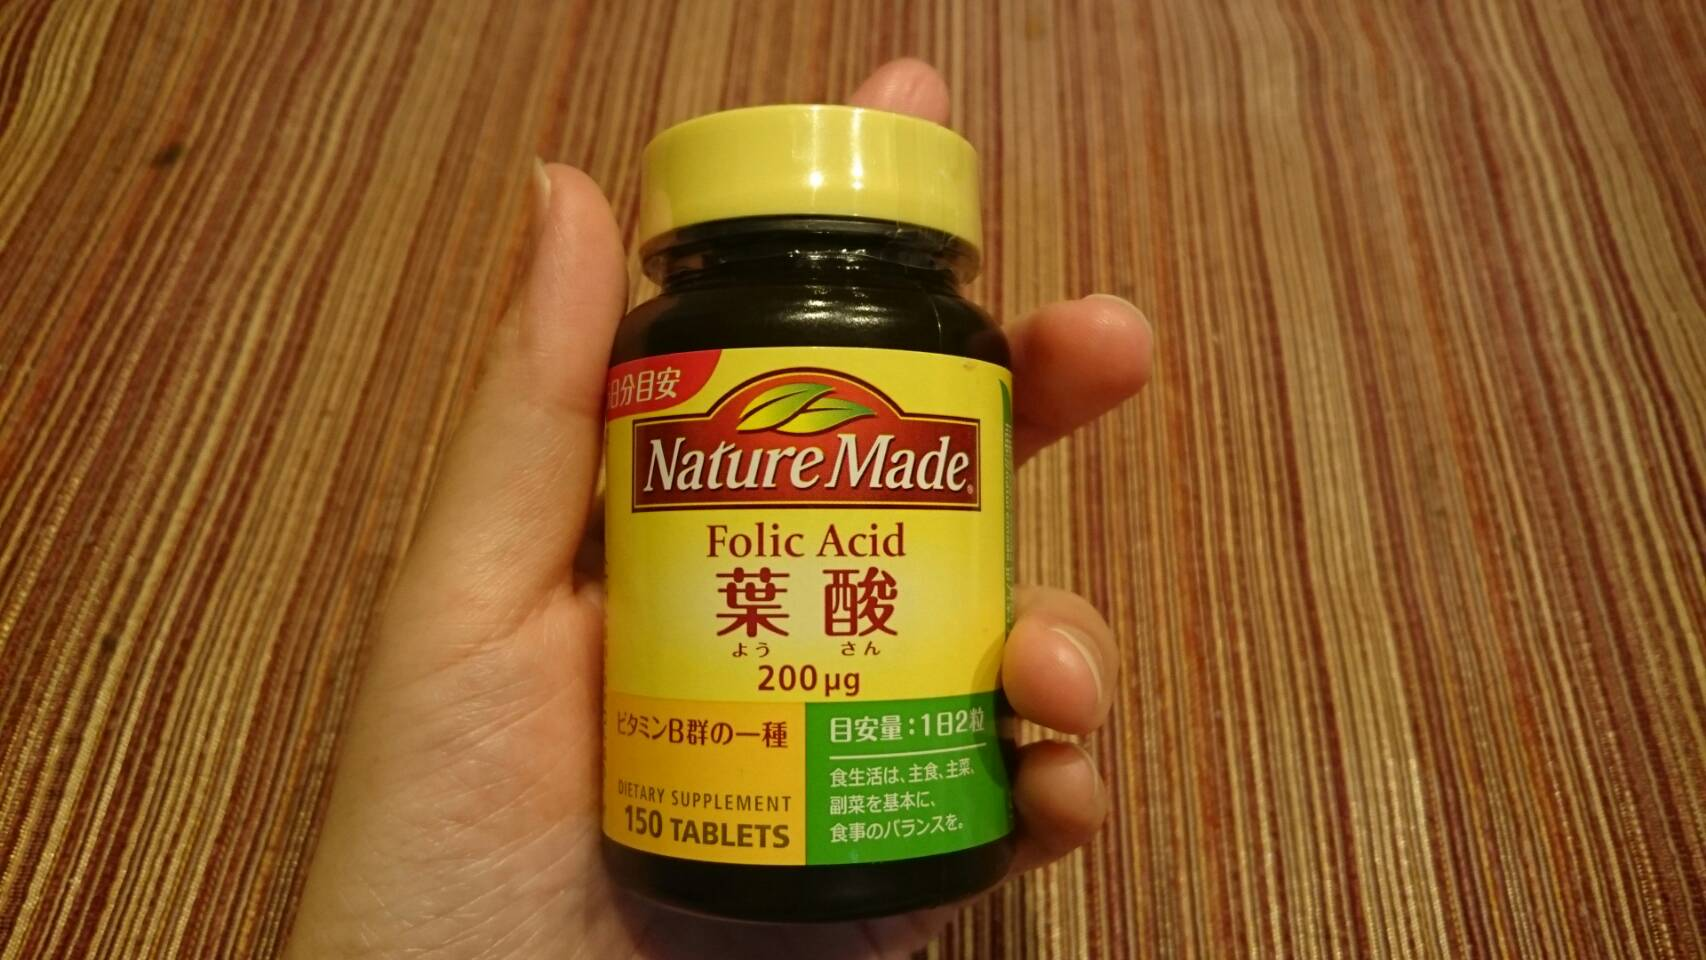 ネイチャーメイドの葉酸サプリのボトル